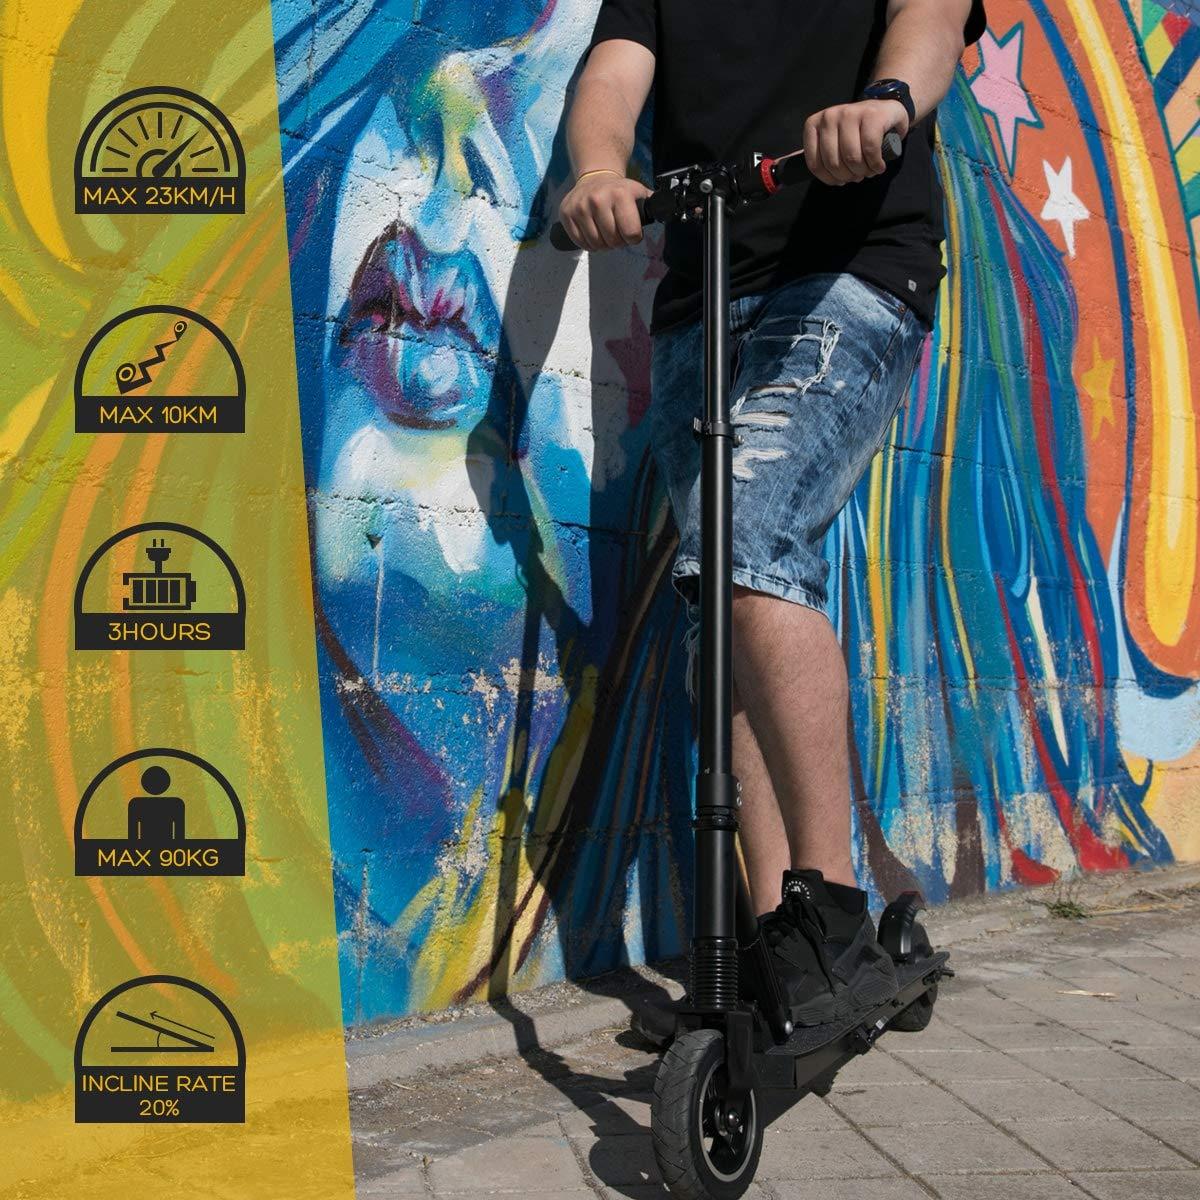 Comprar Hiboy S1 Patinete-Scooter Eléctrico Plegable Urbano con Batería de Litio Recargable, Negro, Adultos Unisex, Modelo, único